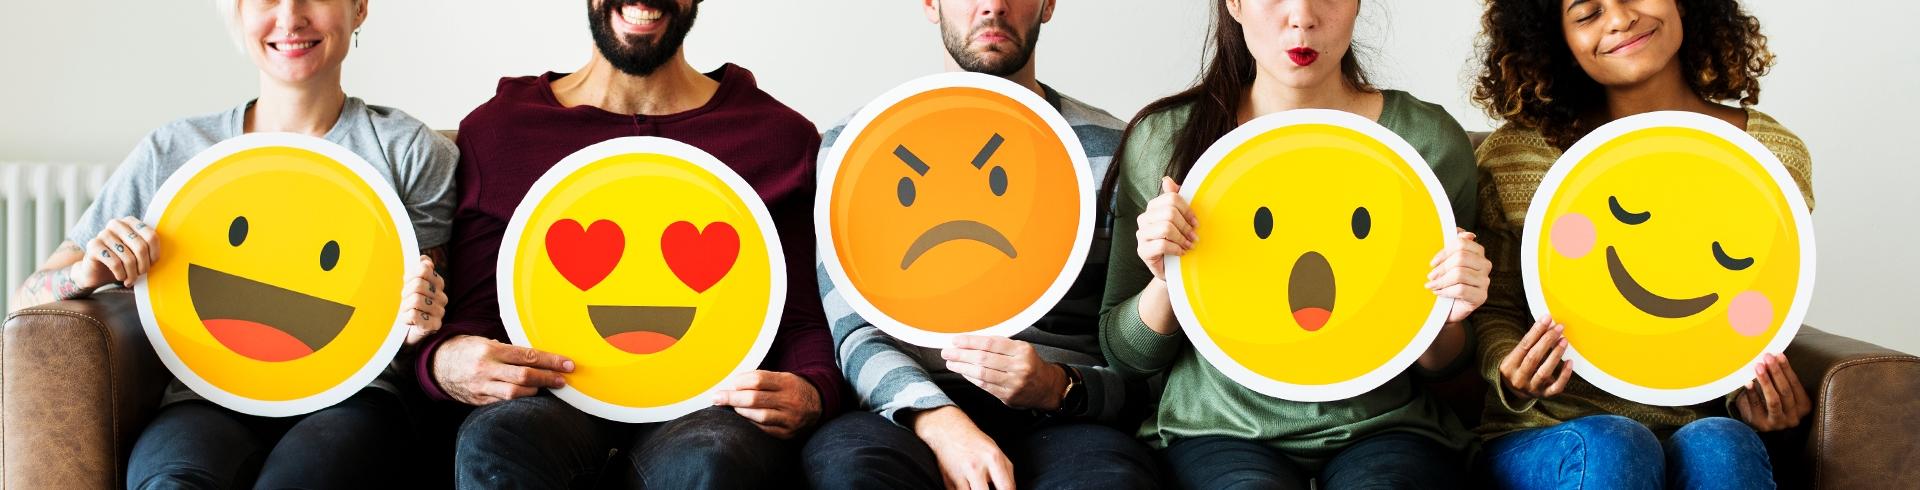 คอร์สออนไลน์ หมวด Emotional สุขภาพ จิต วิธี สร้าง ความ สุข ให้ ตัว เอง ความ สุข ใน การ ทำงาน